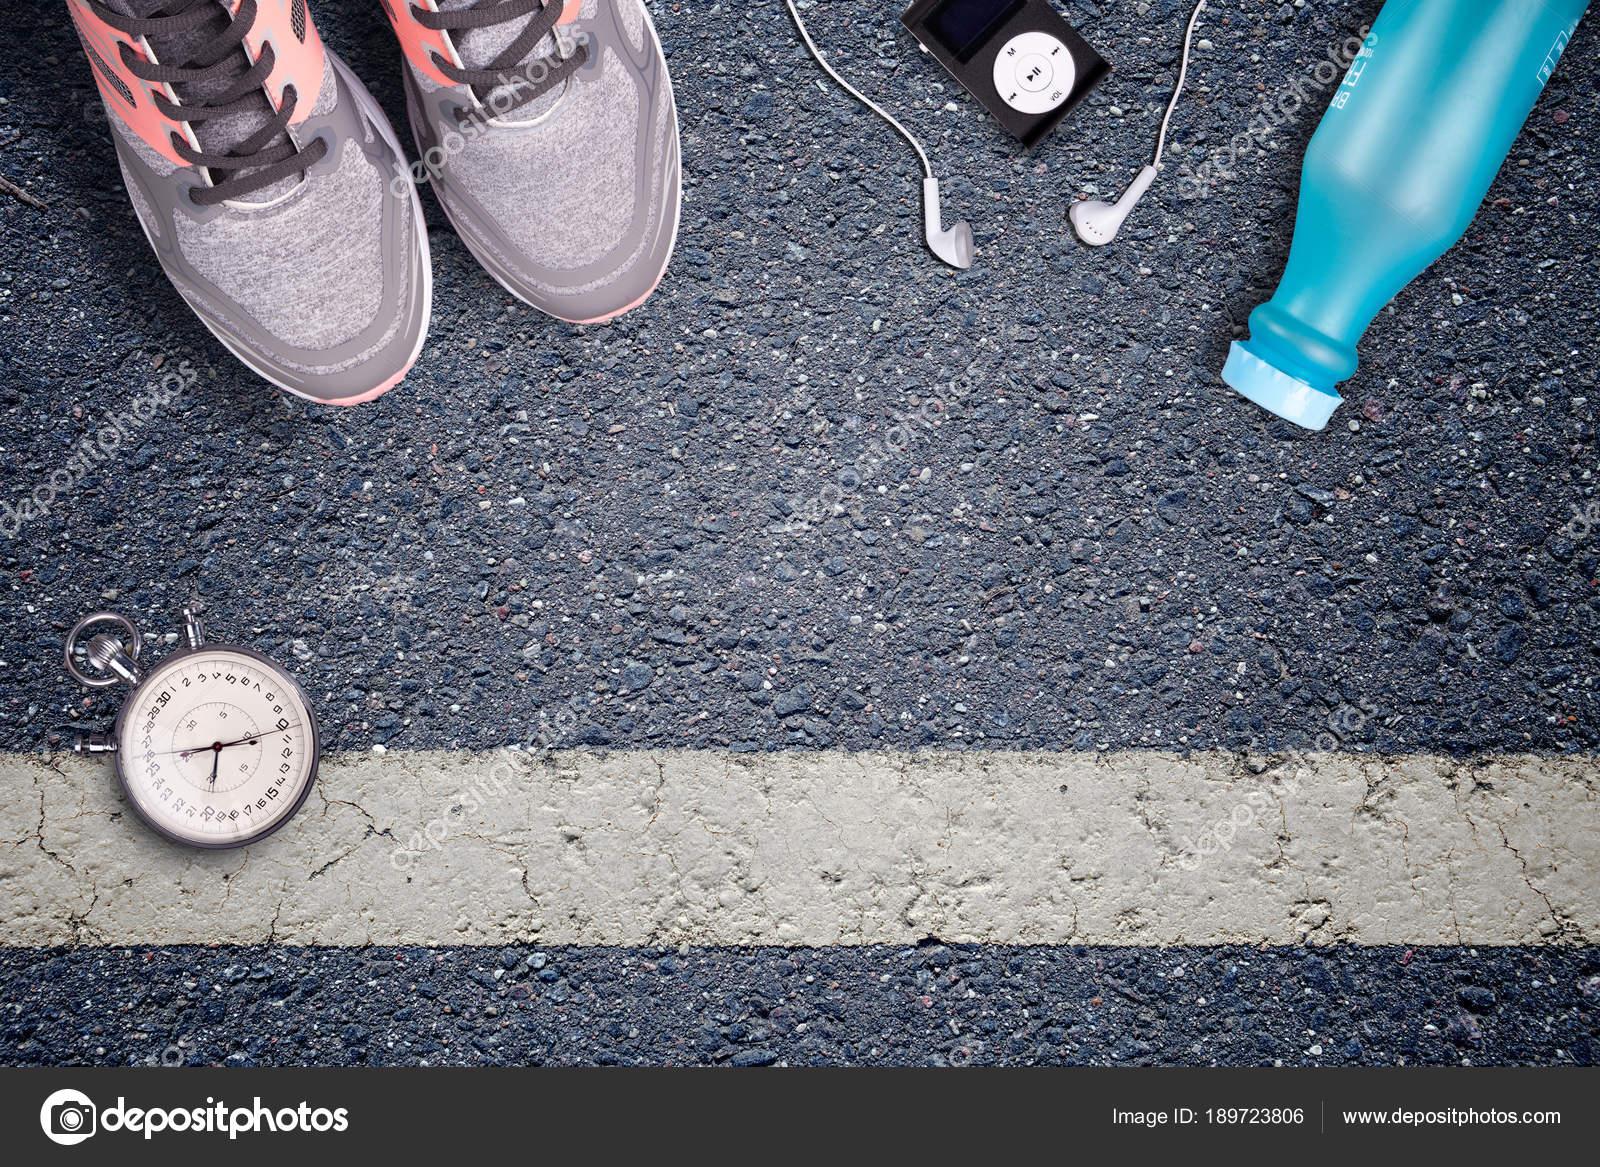 Attrezzature Asfalto Sull Formazione Running Scarpe Corridore PTliwOZkXu